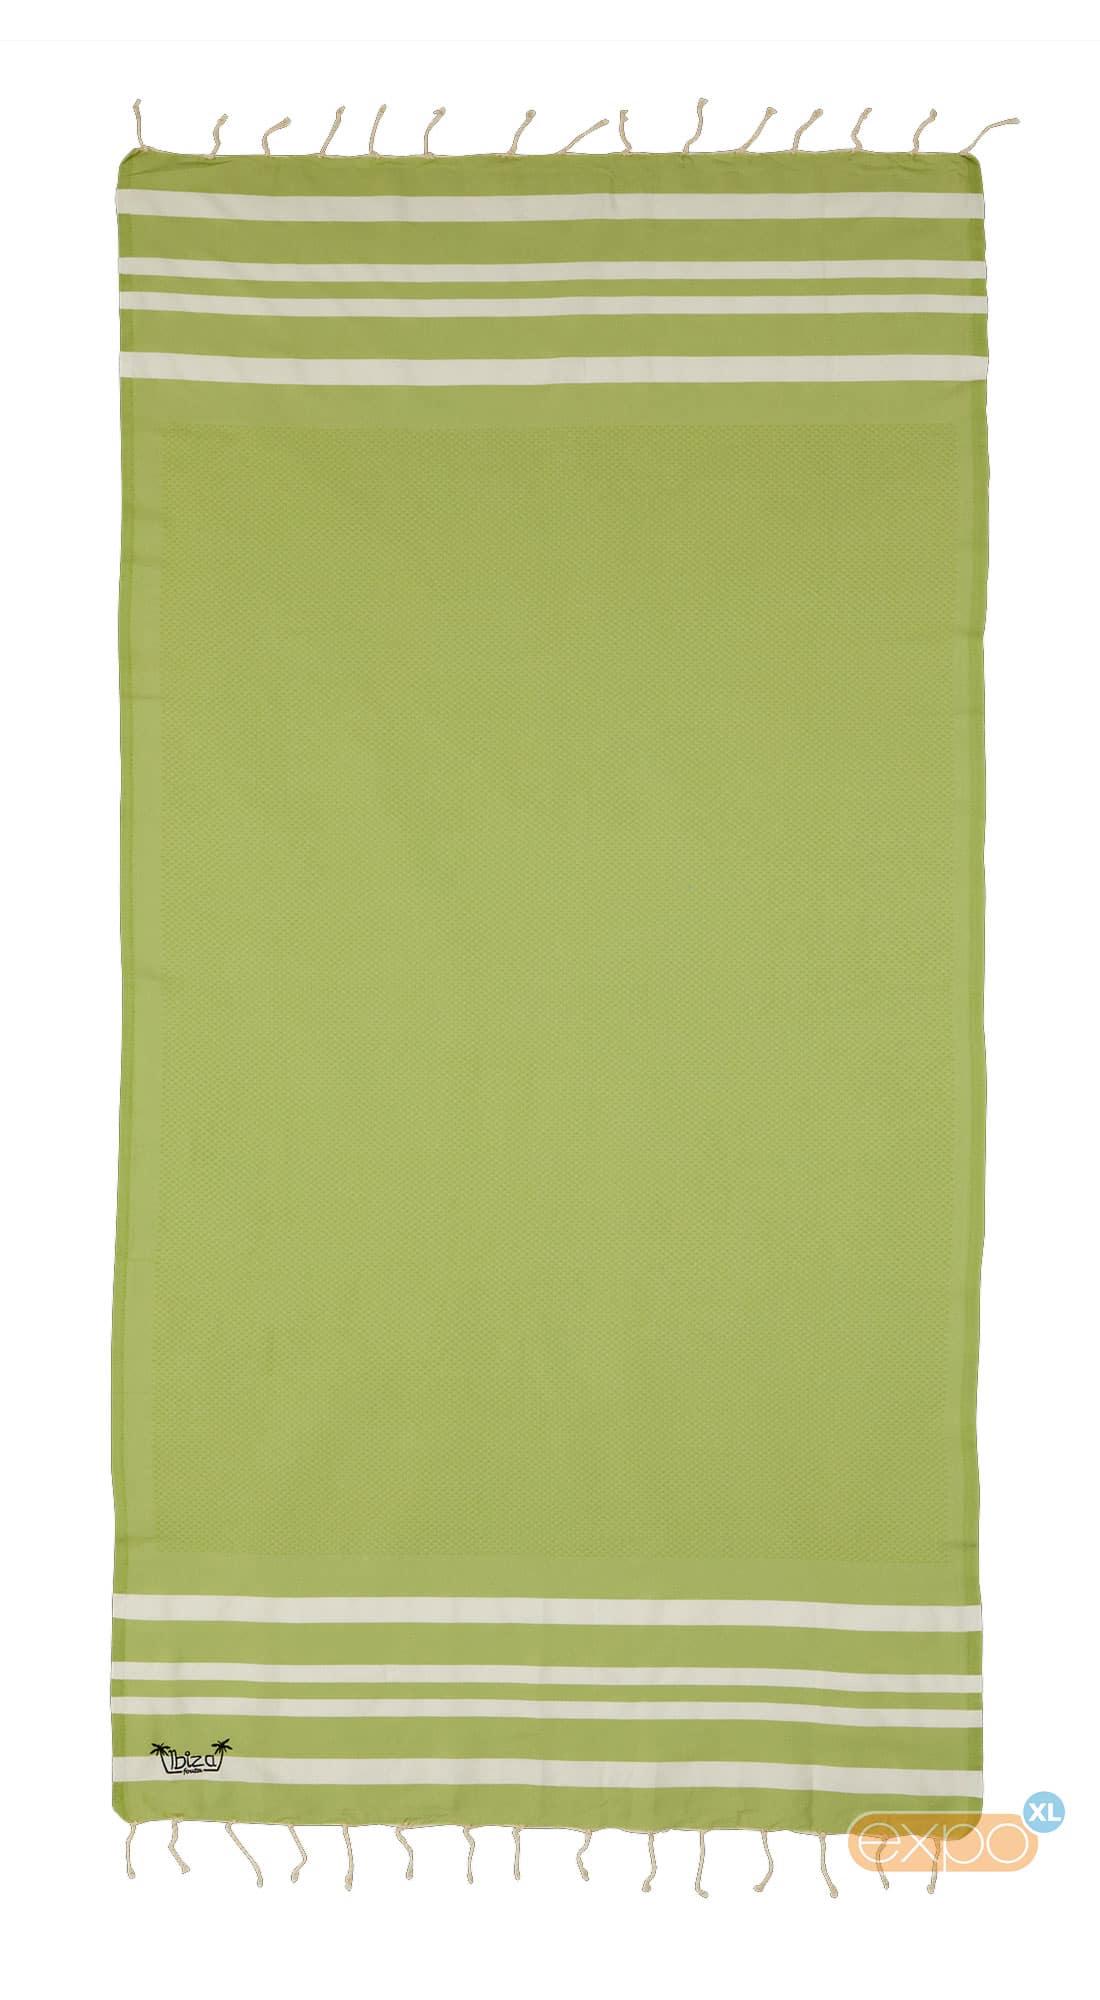 Expo XL Fouta Salines - XL hamamdoek - groen